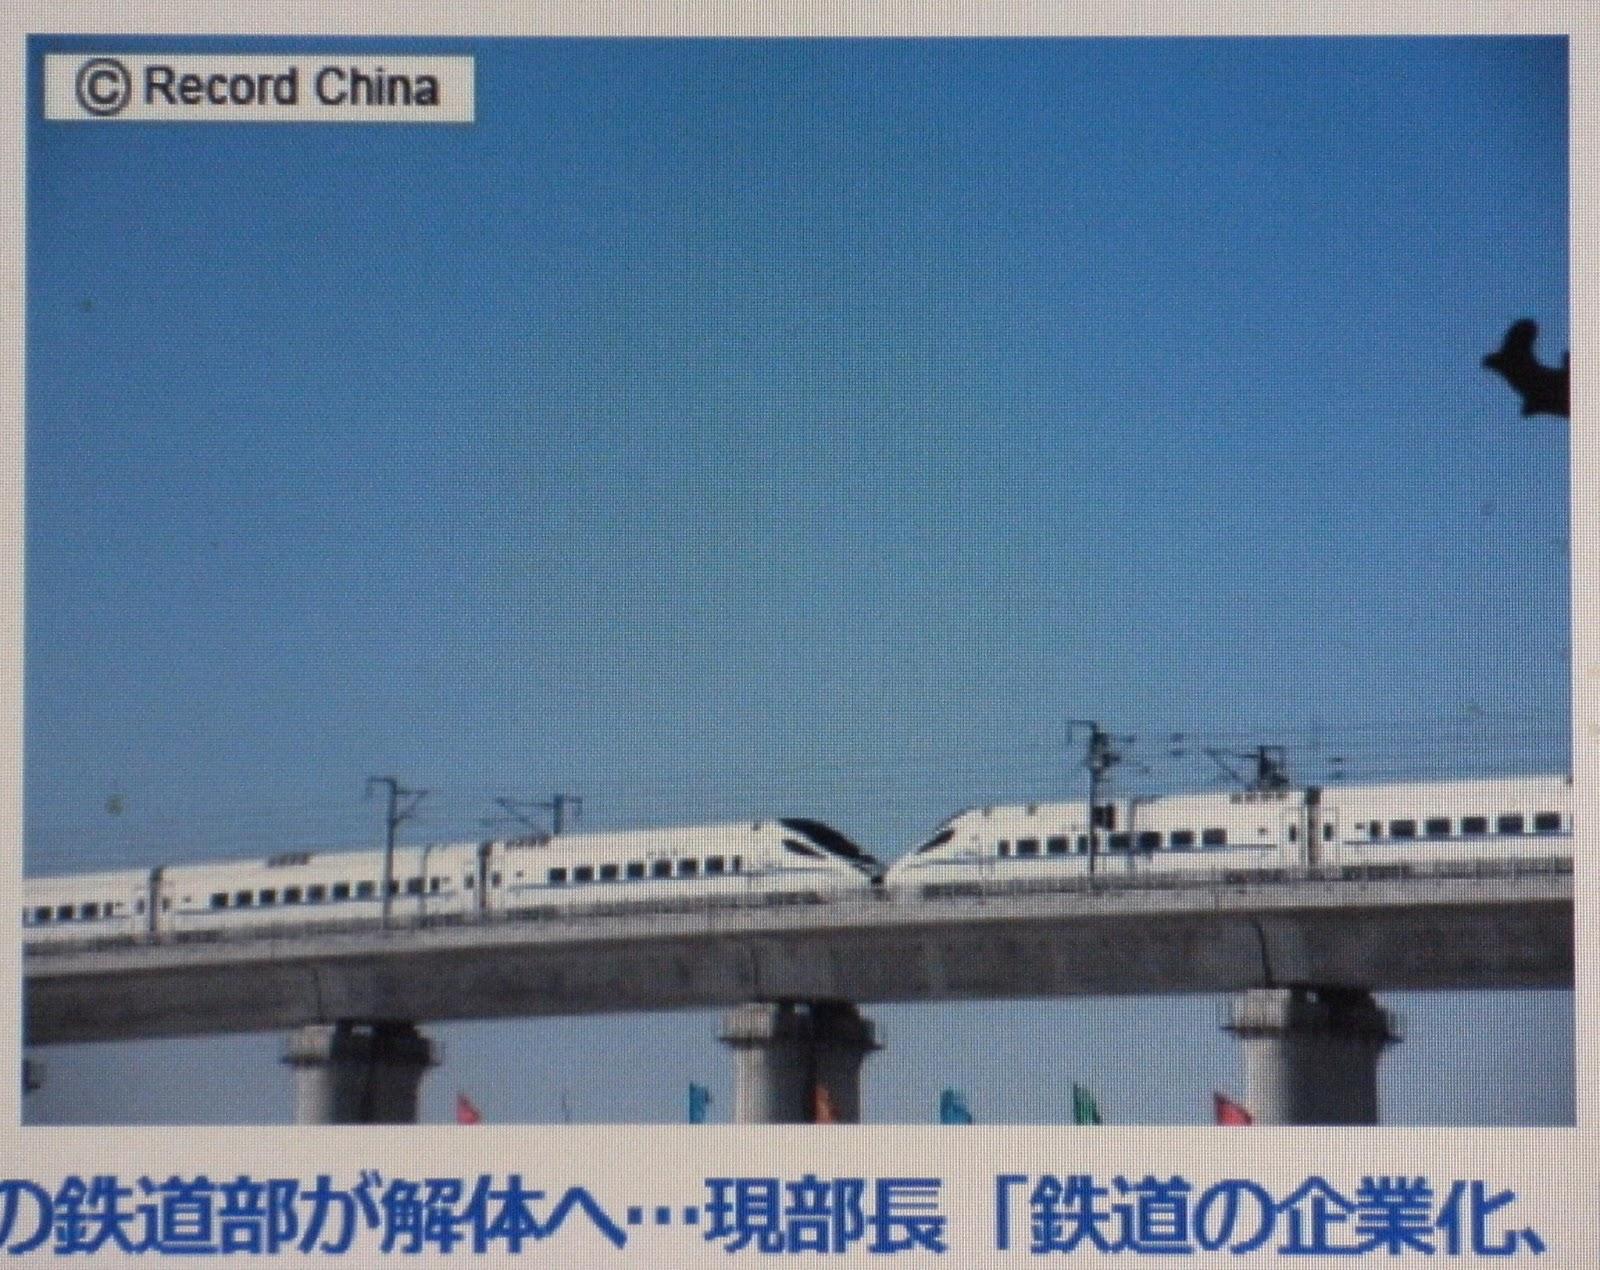 国家の品格:ゼロ大国、中国の面白さ: 汚職まみれの中国鉄道部が解体: